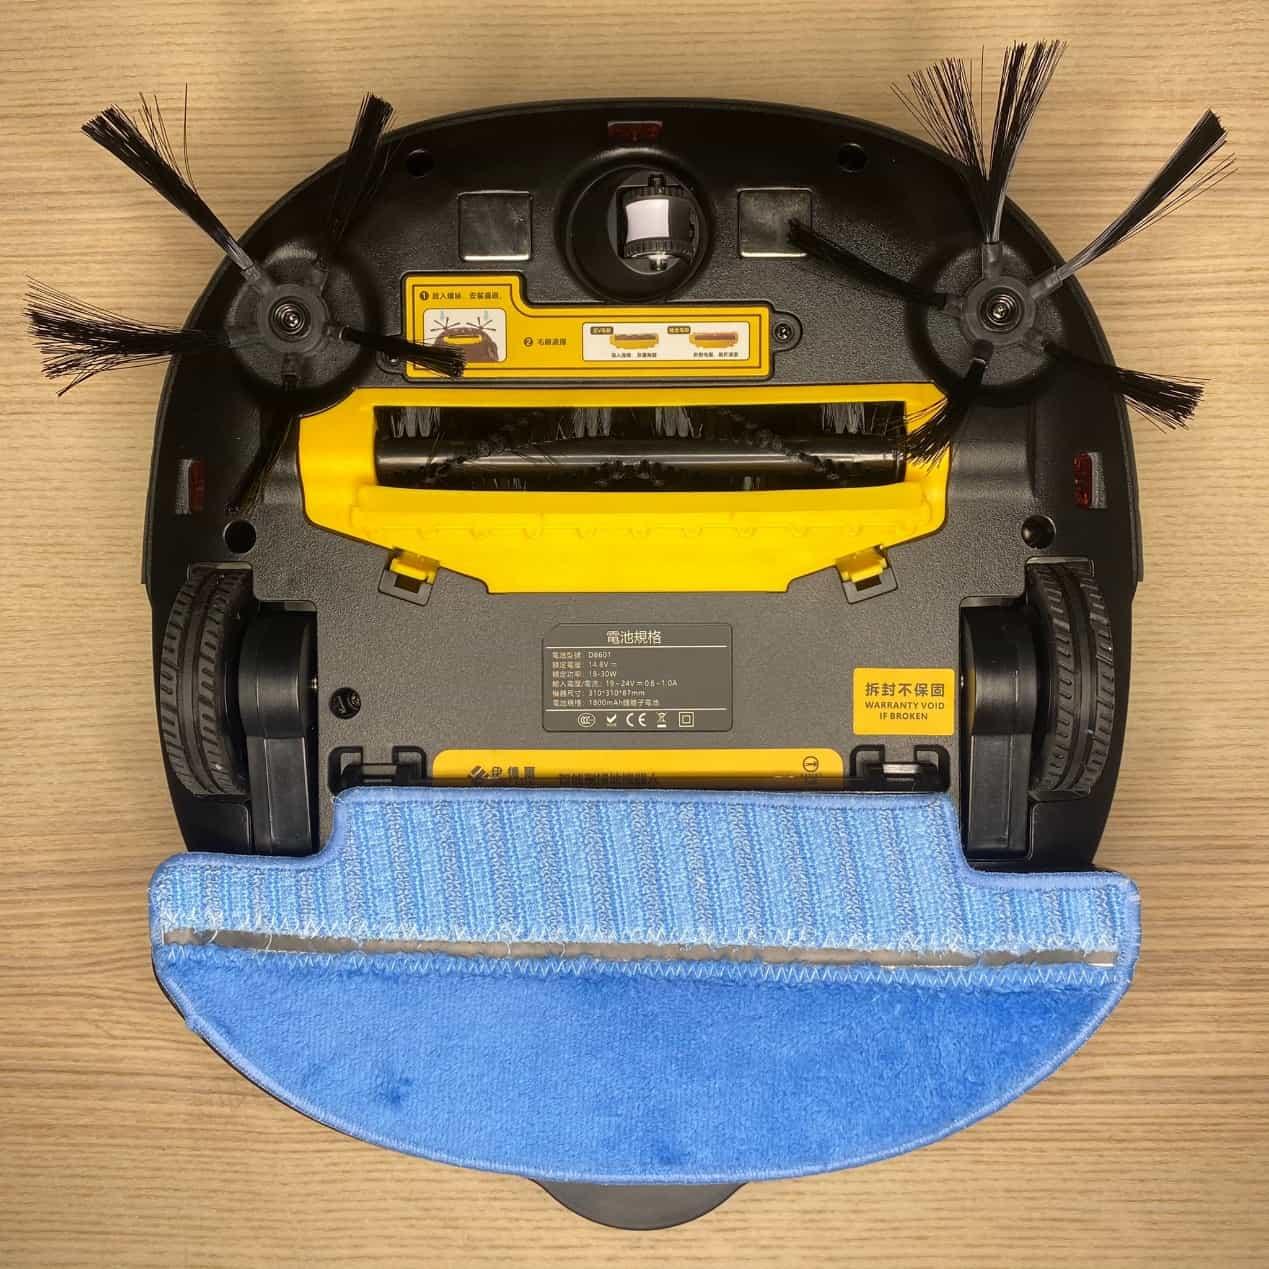 伊德爾掃地機器人乾溼清潔